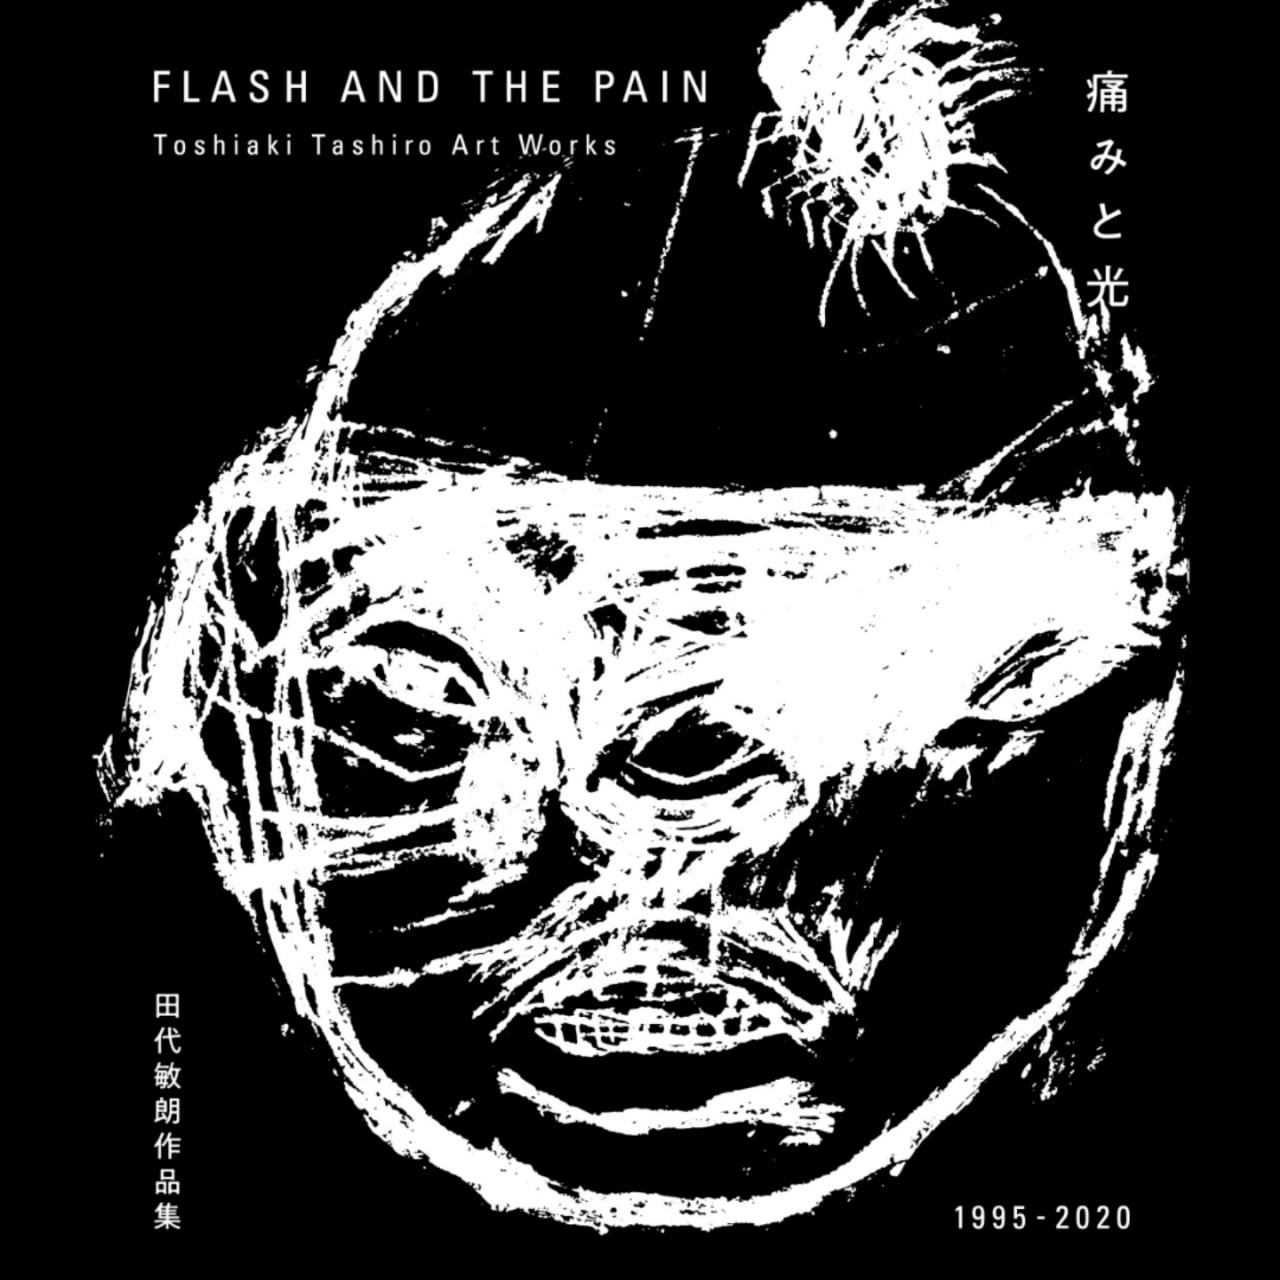 【初版デラックス版】Toshiaki Tashiro Art Works 1995-2020 痛みと光